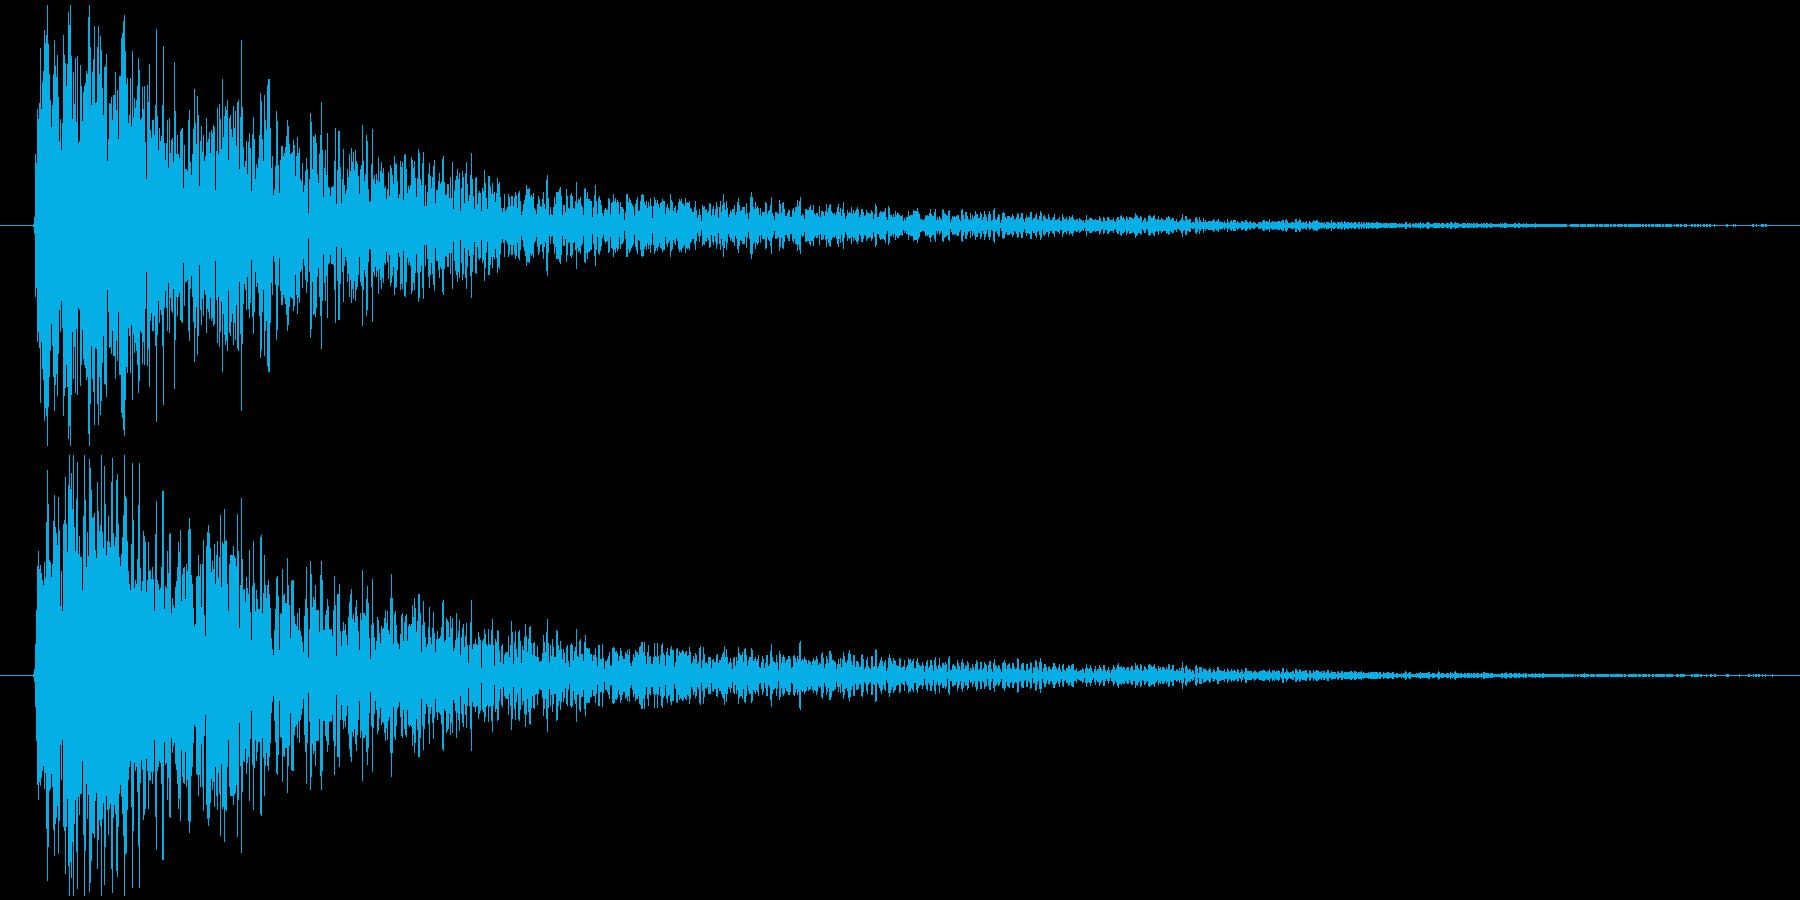 衝撃波、圧力波、爆発、インパクト音の再生済みの波形